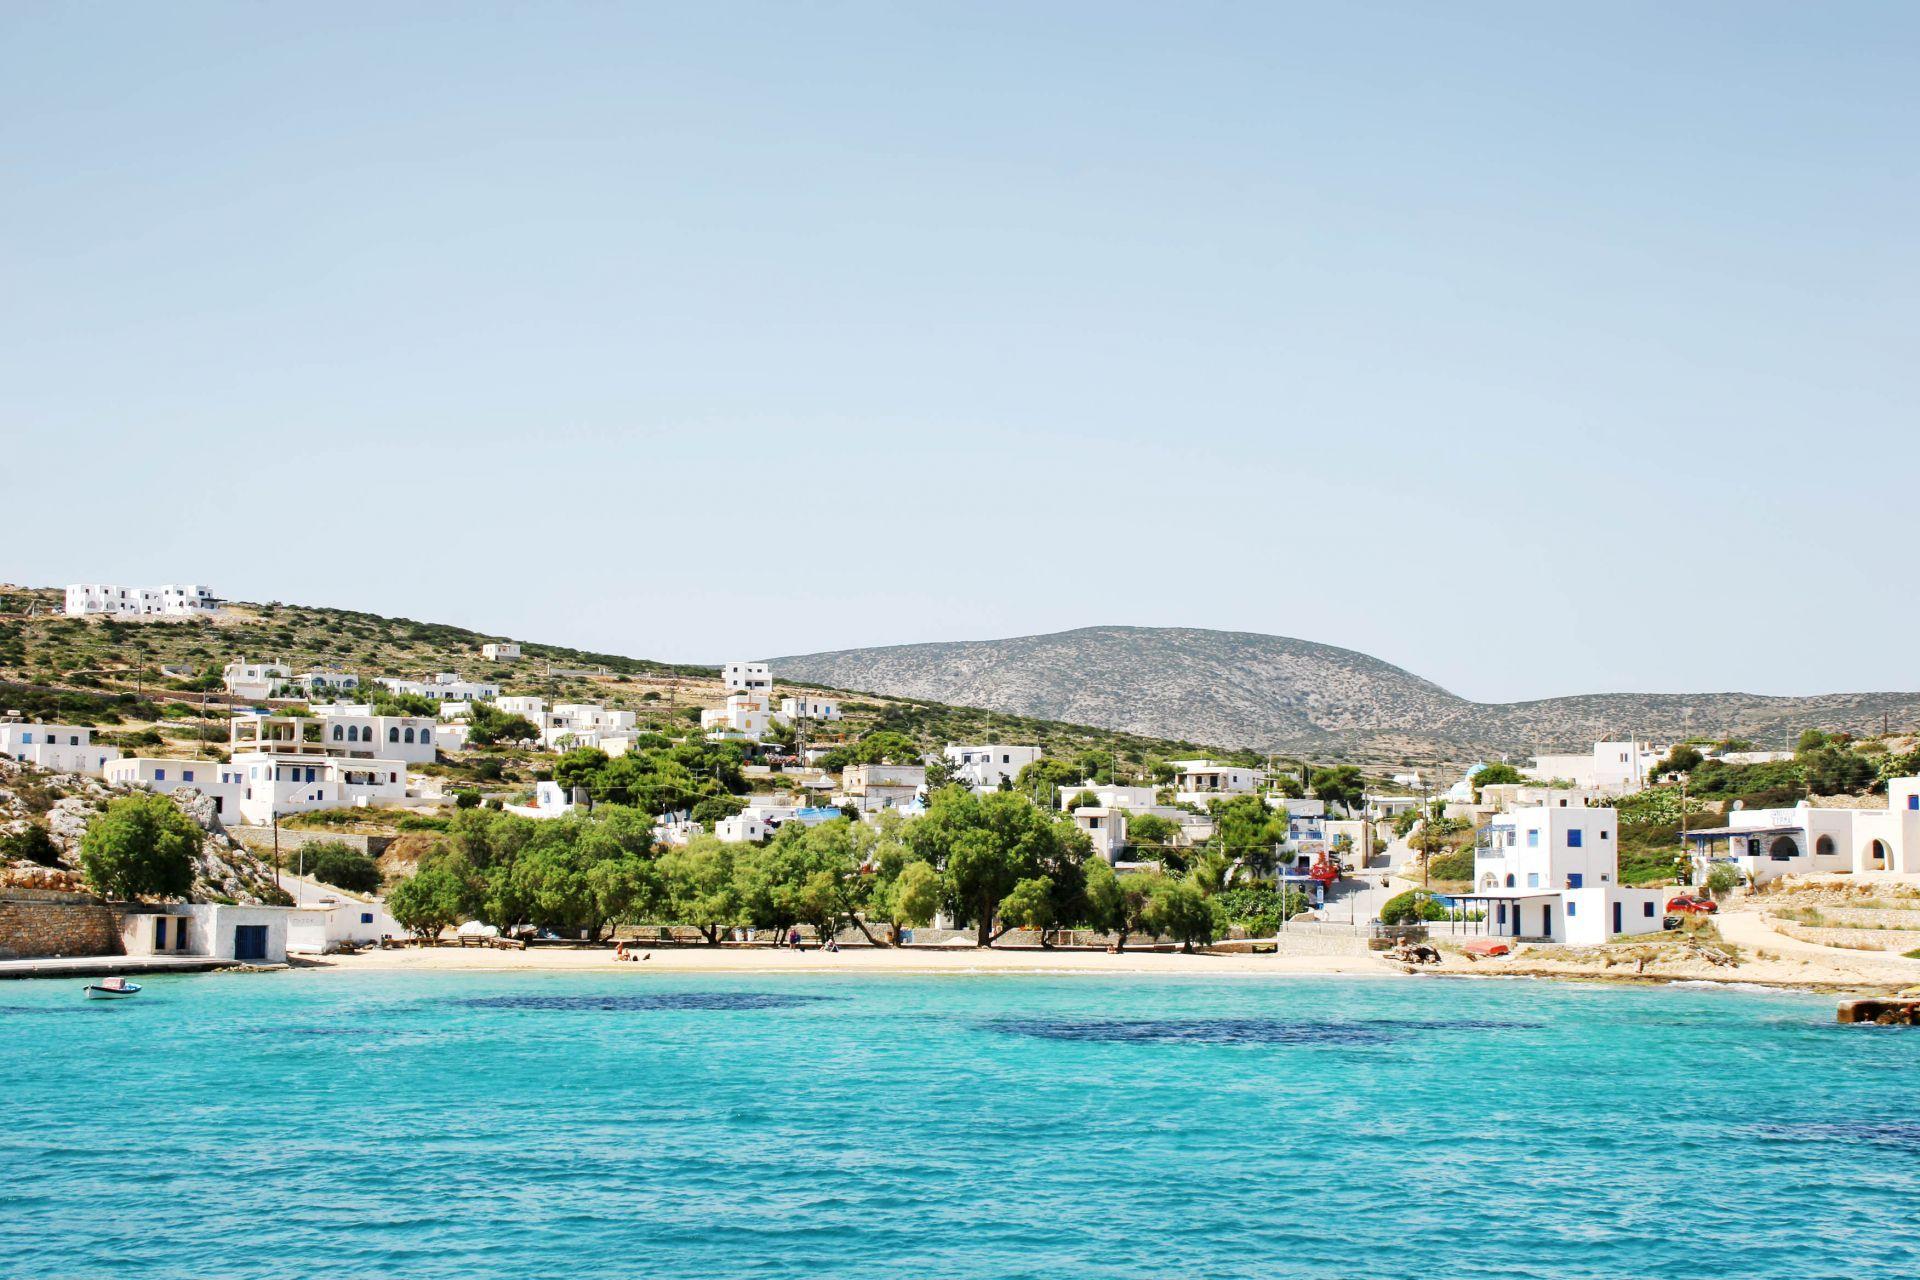 Iraklia island: Agios Giorgios